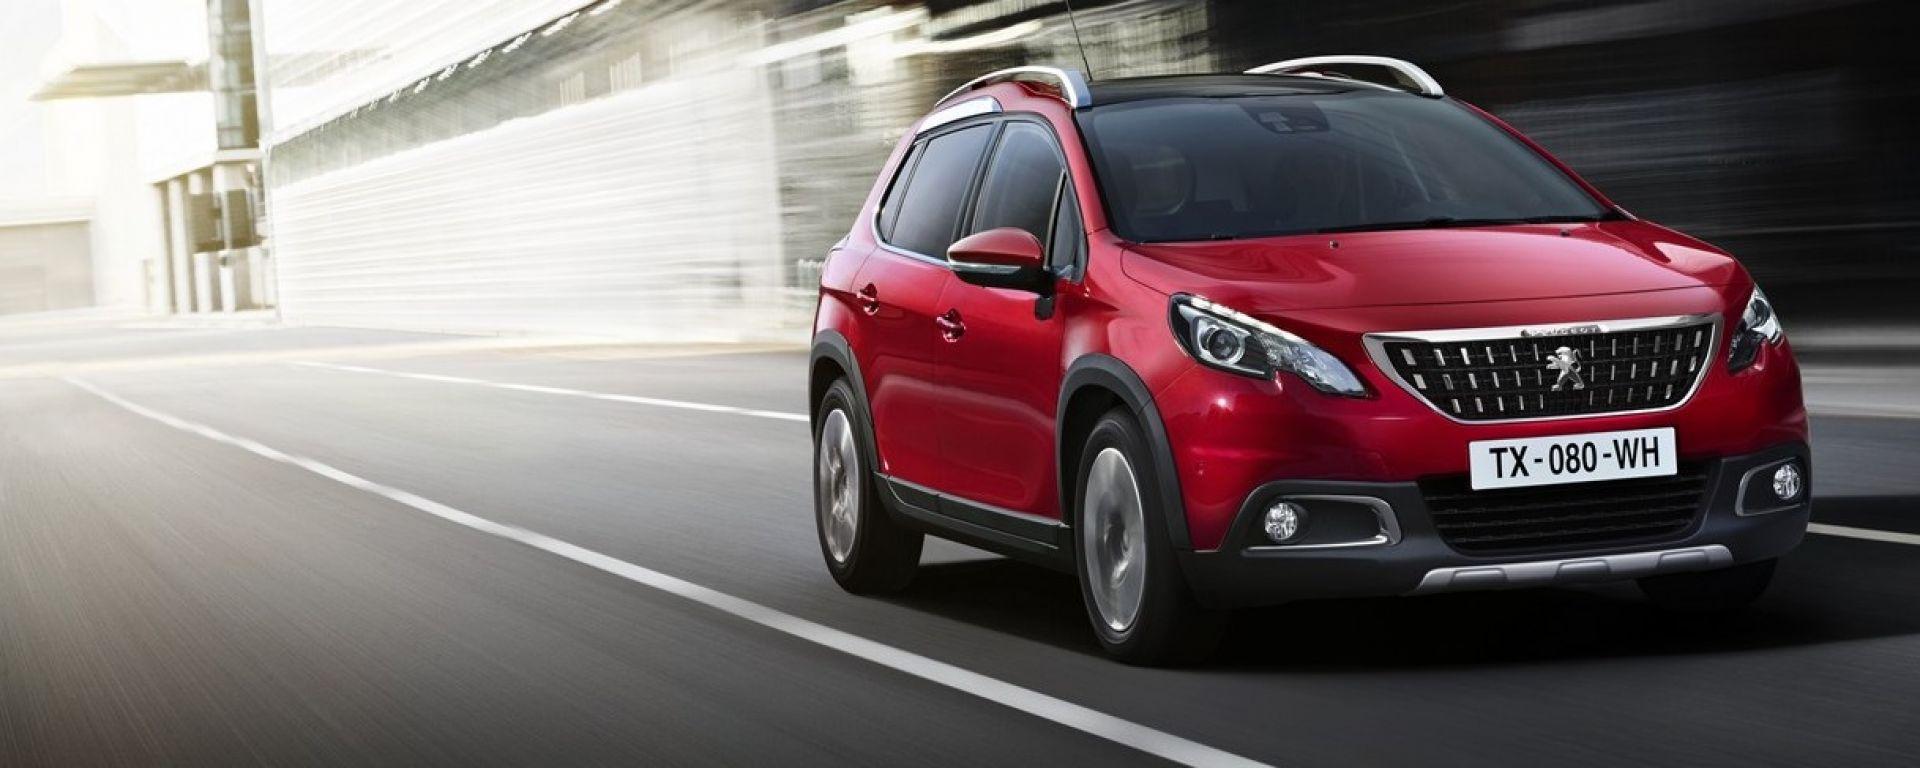 Peugeot 2008: la prova del 1.2 turbo 110 cv cambio automatico